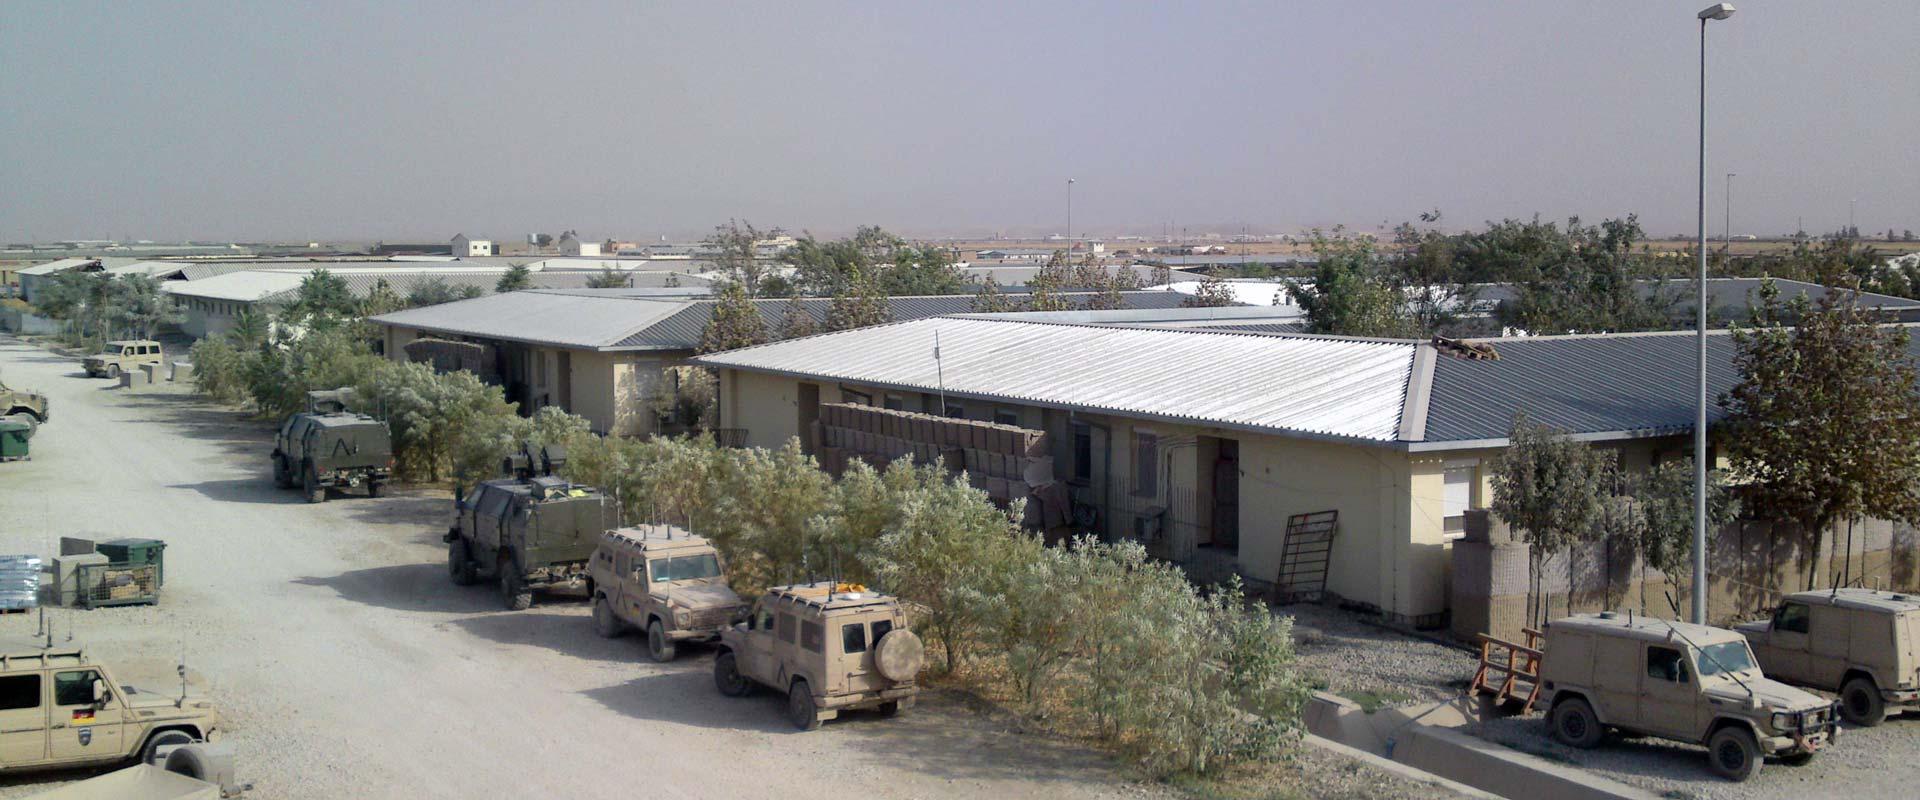 Bundeswehr-Camp in Afghanistan